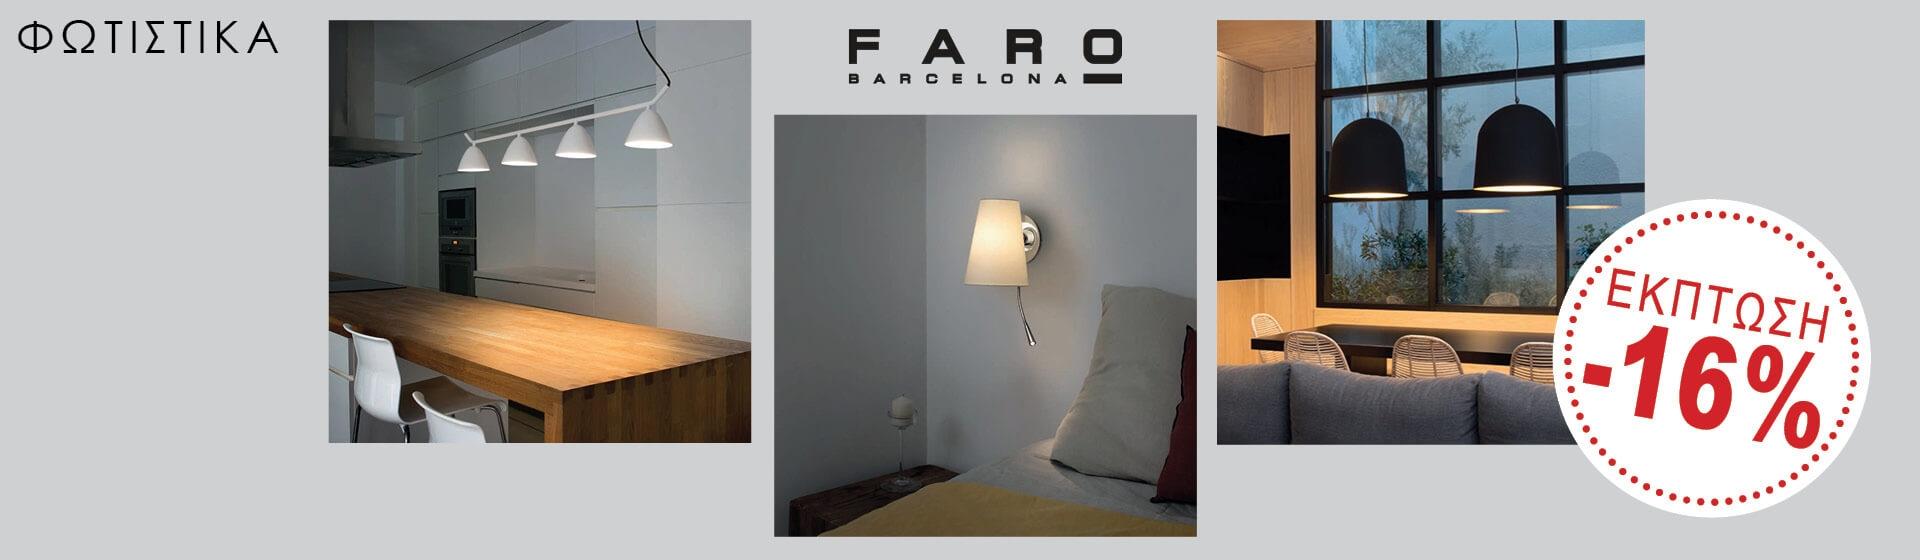 Φωτιστικά Faro